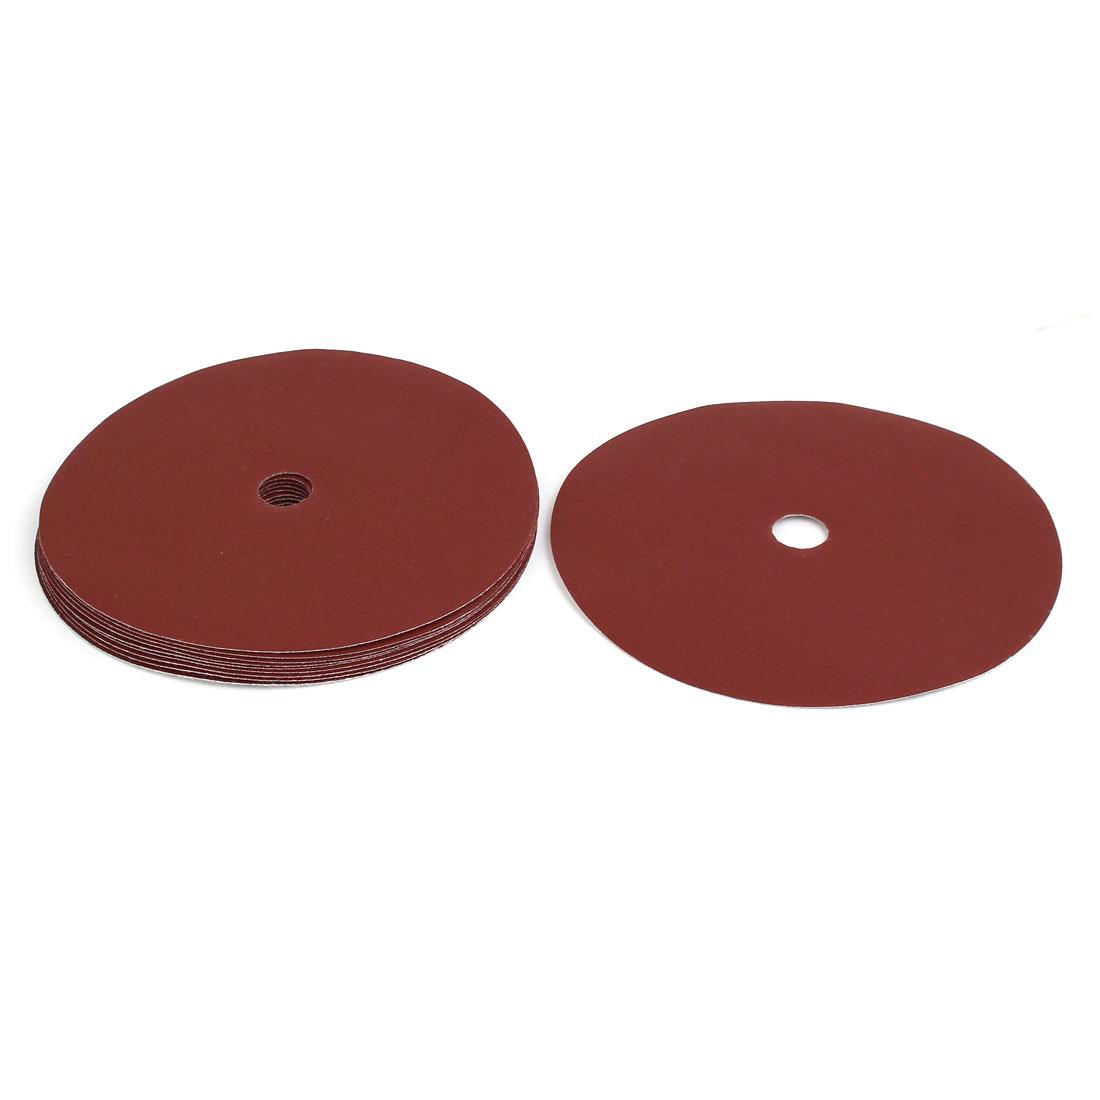 """800 Grit 8 Hole 7"""" Diameter Sandpaper Hook Loop Sanding Disc 10 Pcs"""